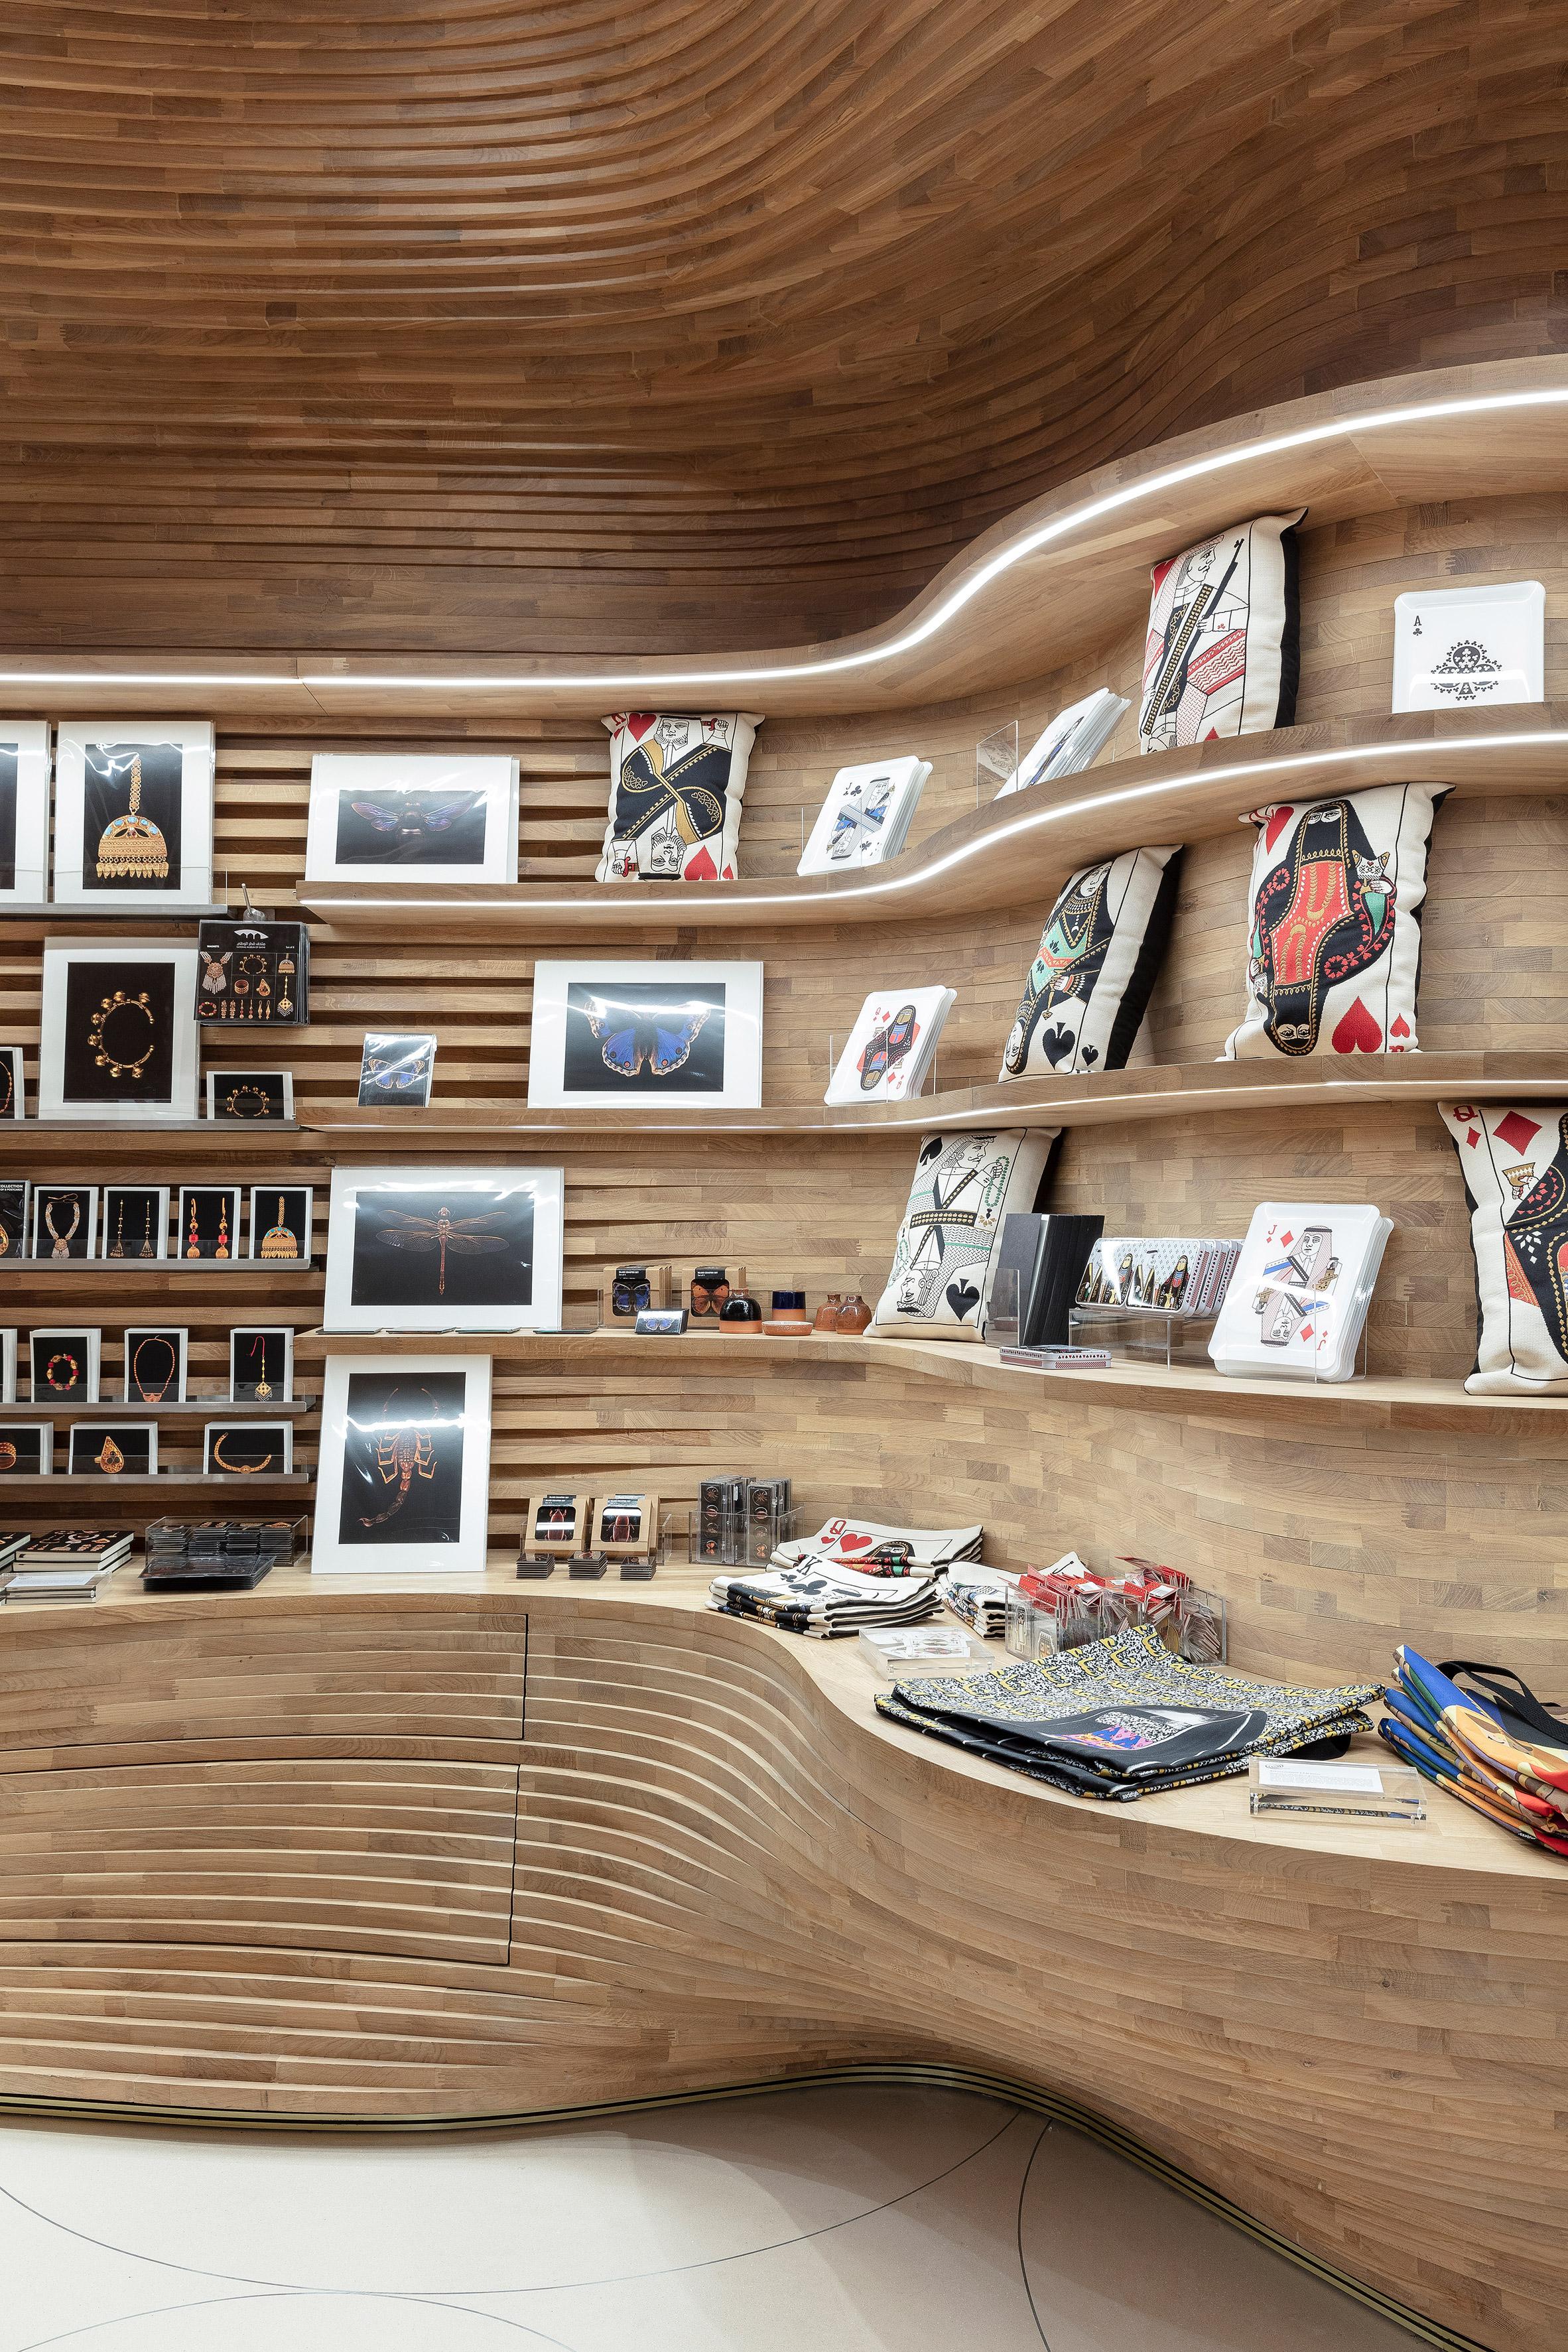 Interiors of National Museum of Qatar by Koichi Takada Architects